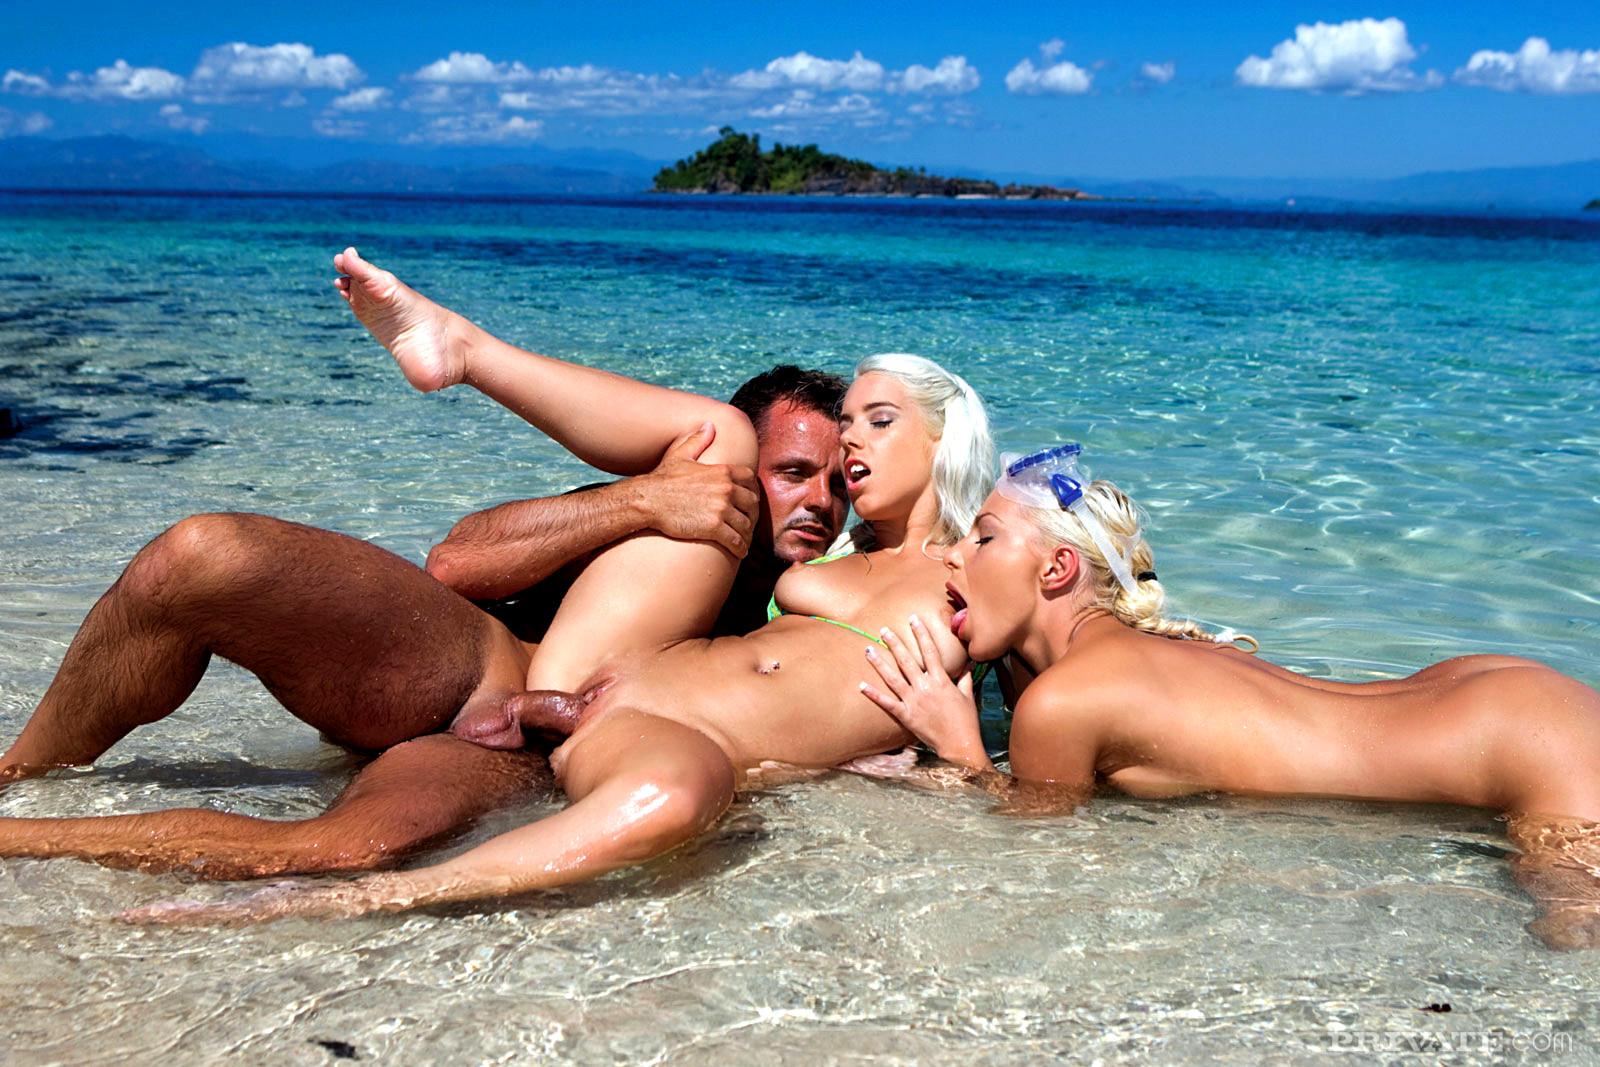 Секс порно фото видео на курортах мира, секс ролики эмили свифт